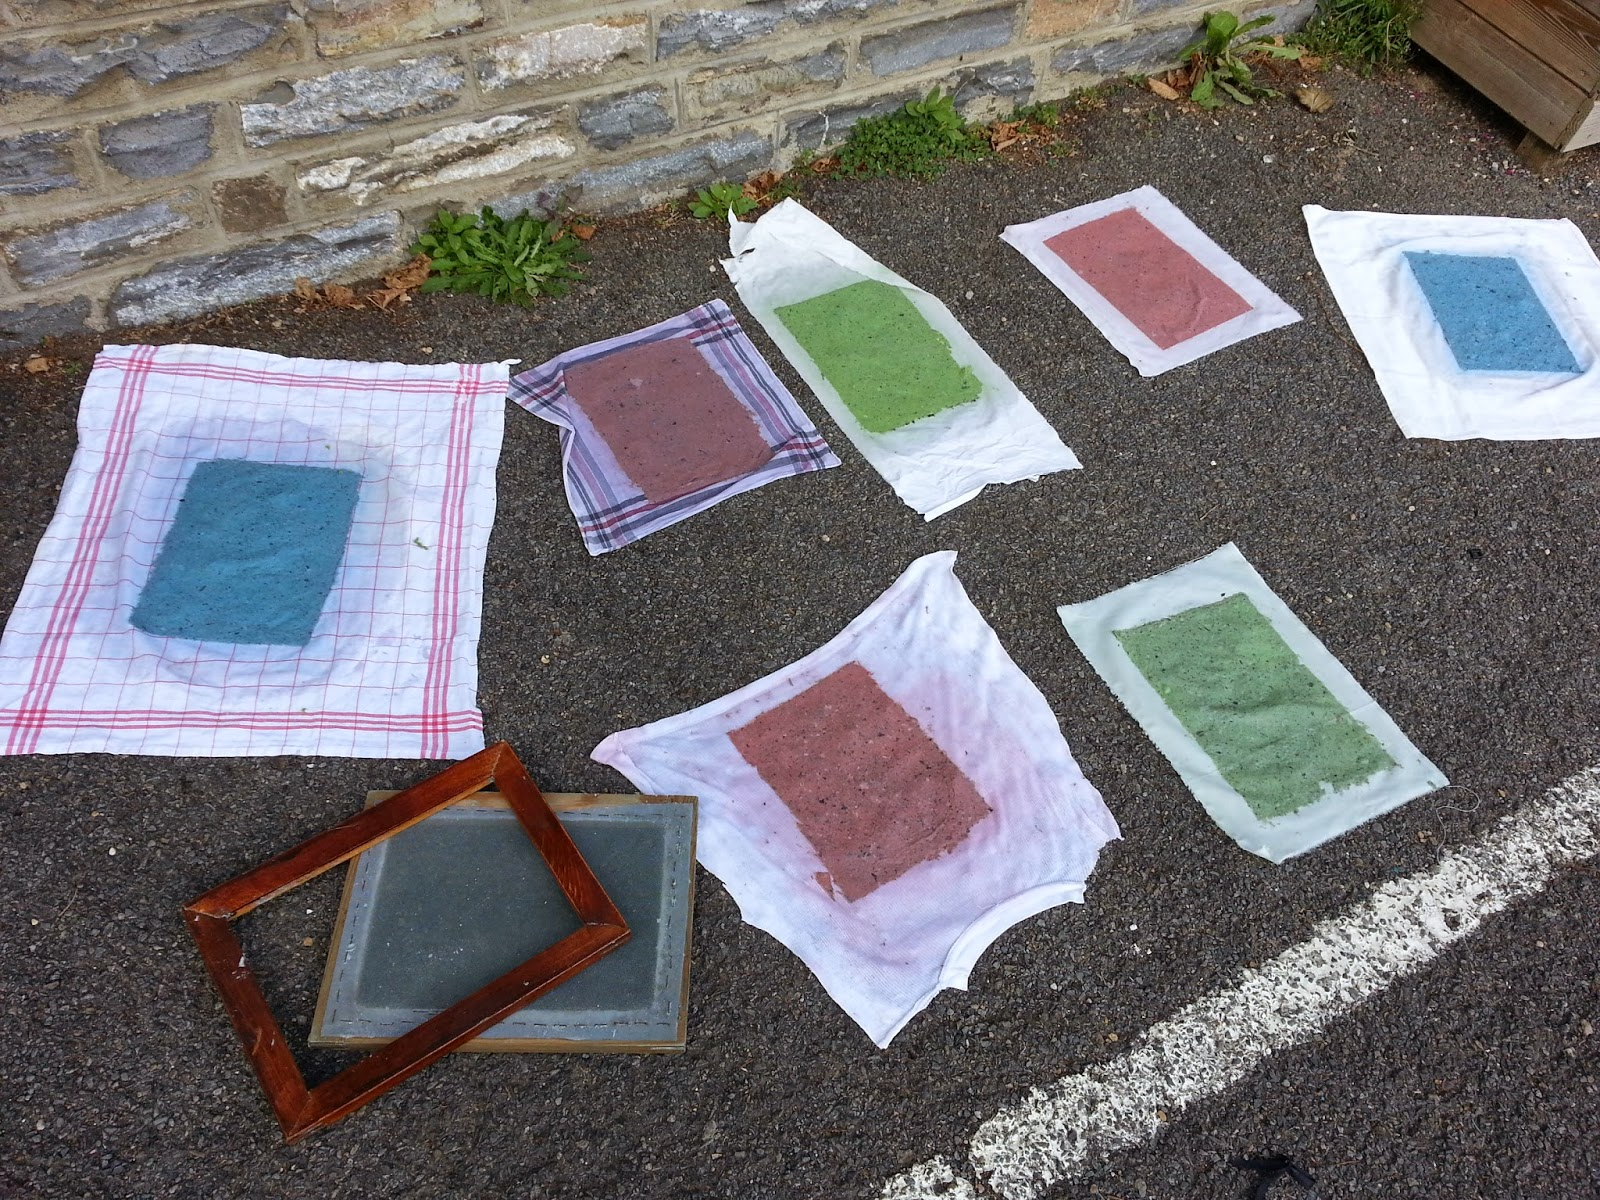 le blog de l 39 ecole sainte bernadette les ce apprennent fabriquer du papier recycl avec romain. Black Bedroom Furniture Sets. Home Design Ideas